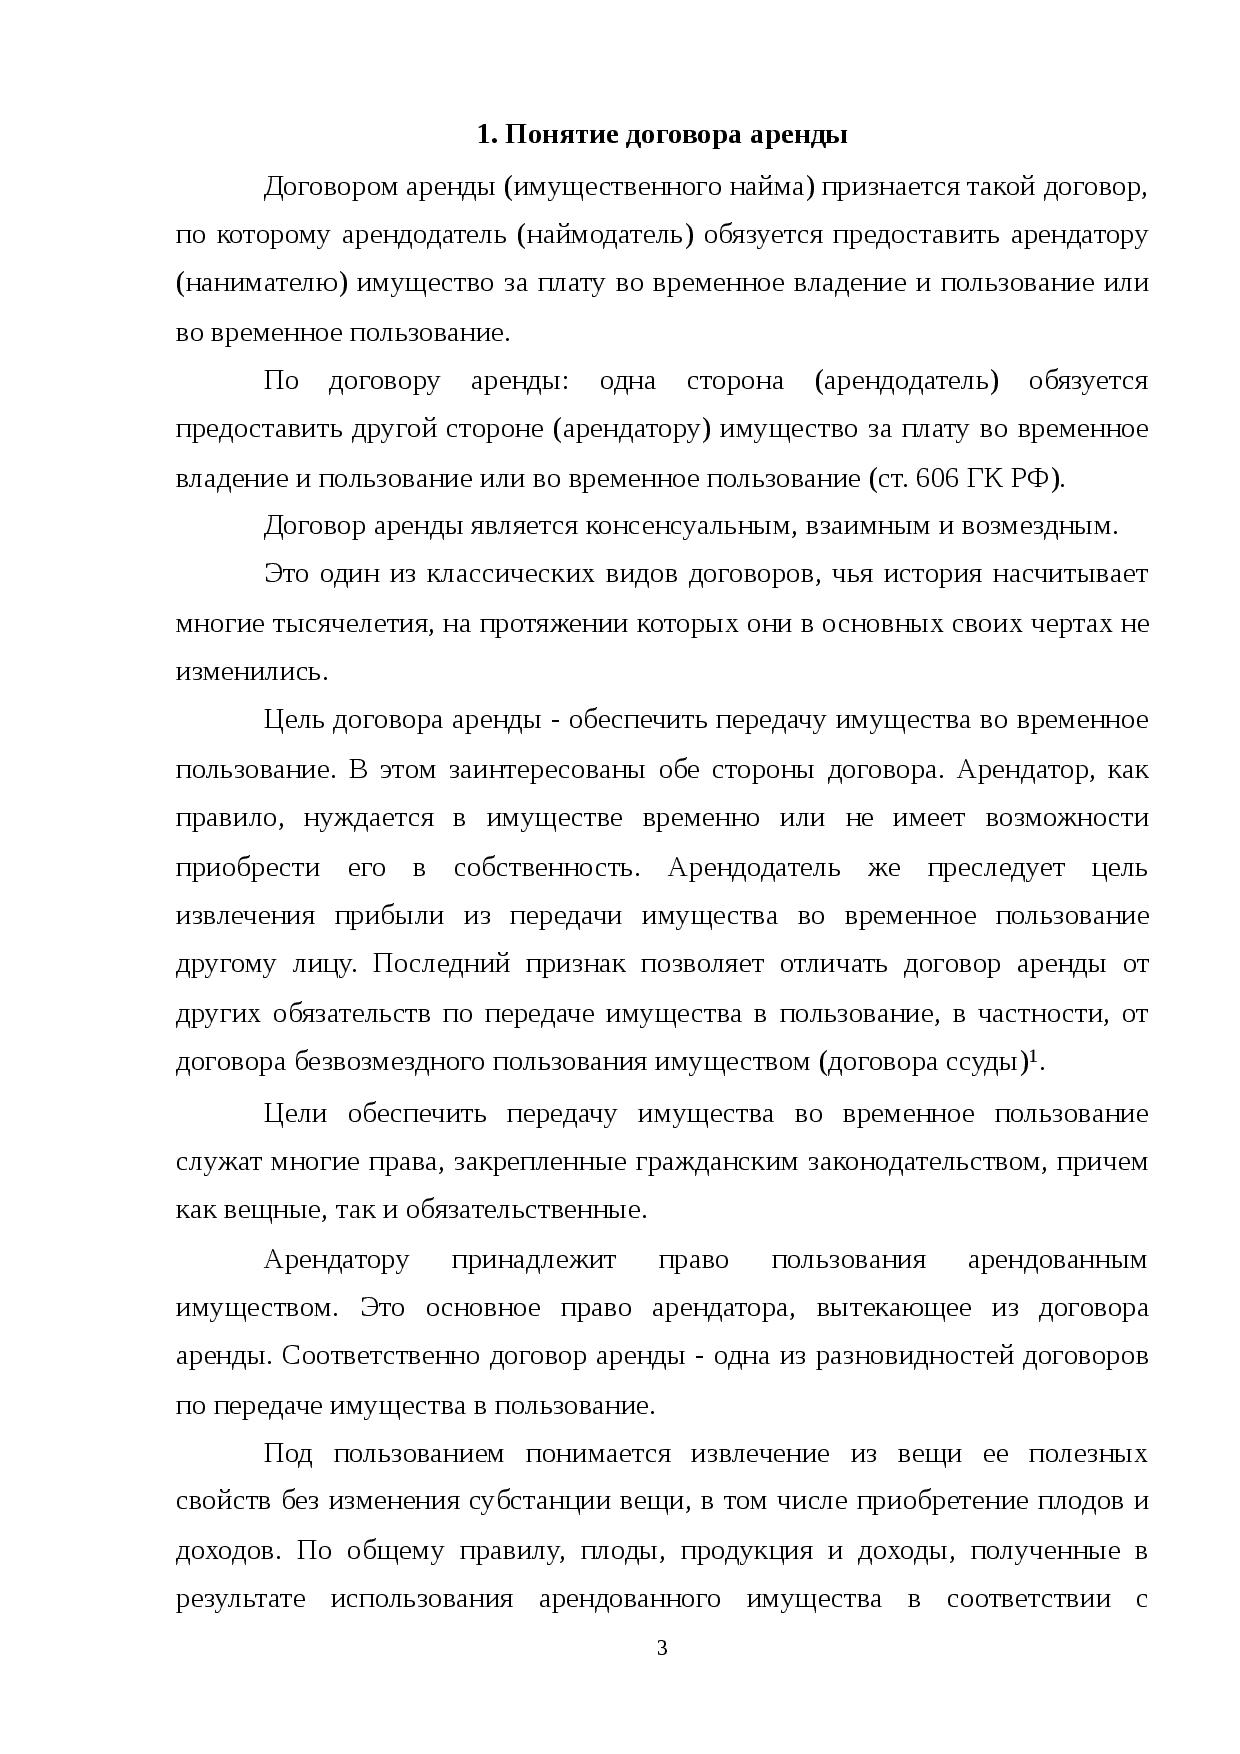 Выкуп муниципального имущества арендатором в 2020 году